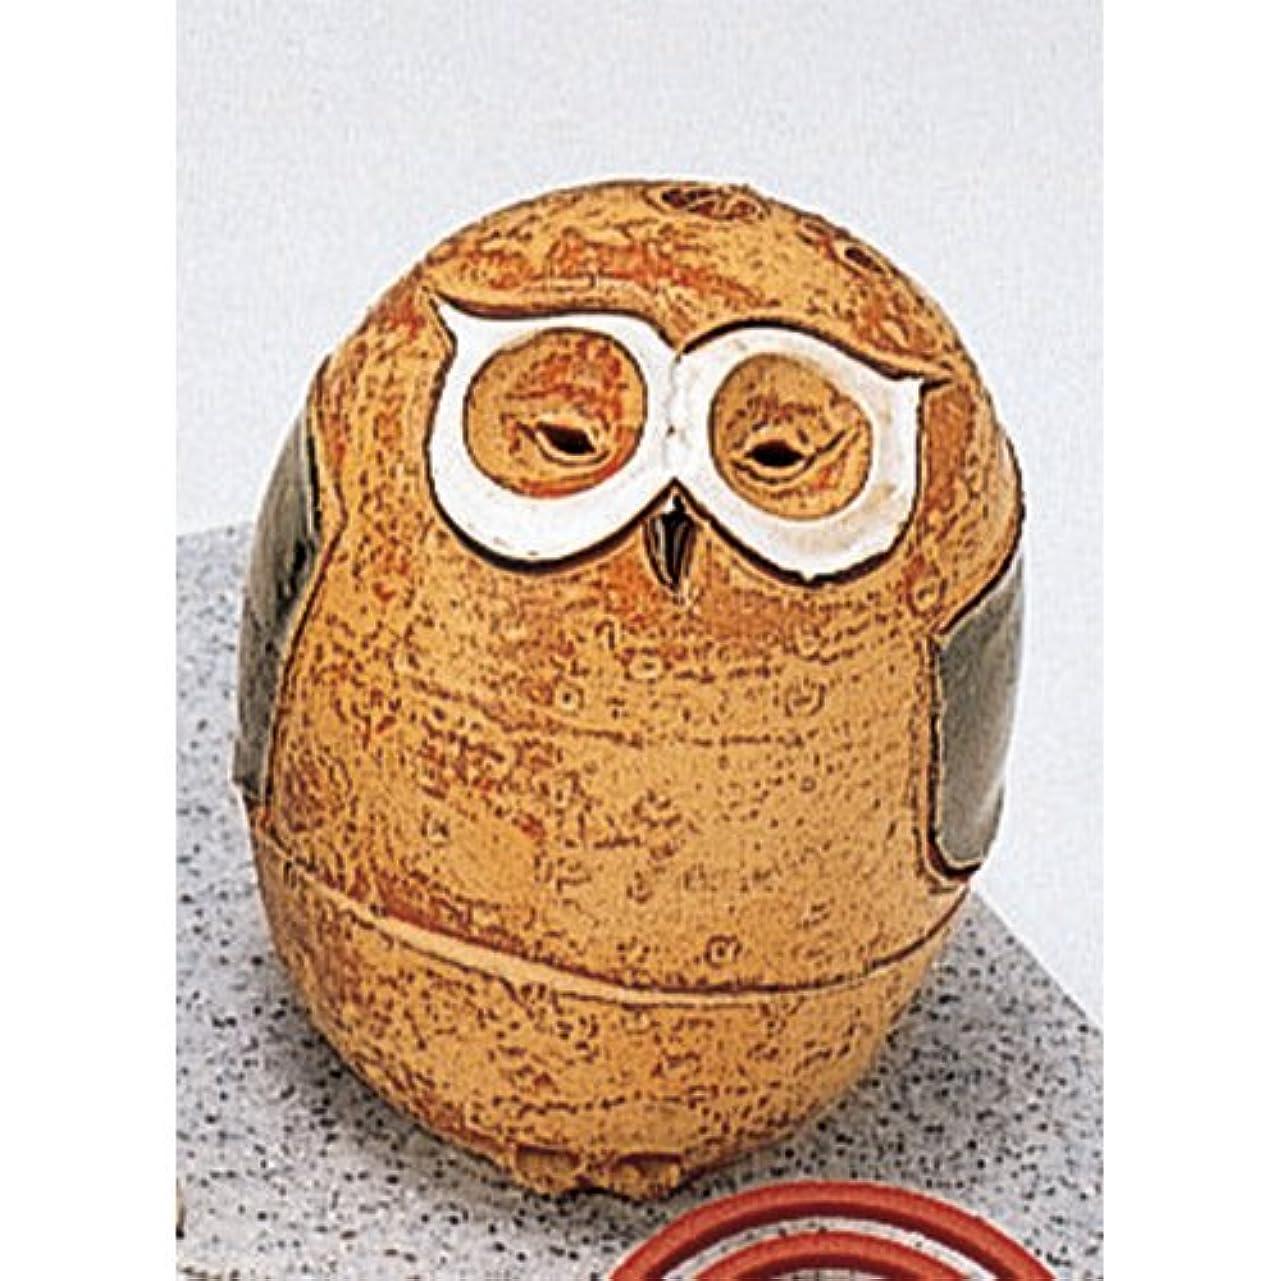 付与励起何十人も香炉 フクロウ 香炉(大) [R7xH9.3cm] HANDMADE プレゼント ギフト 和食器 かわいい インテリア